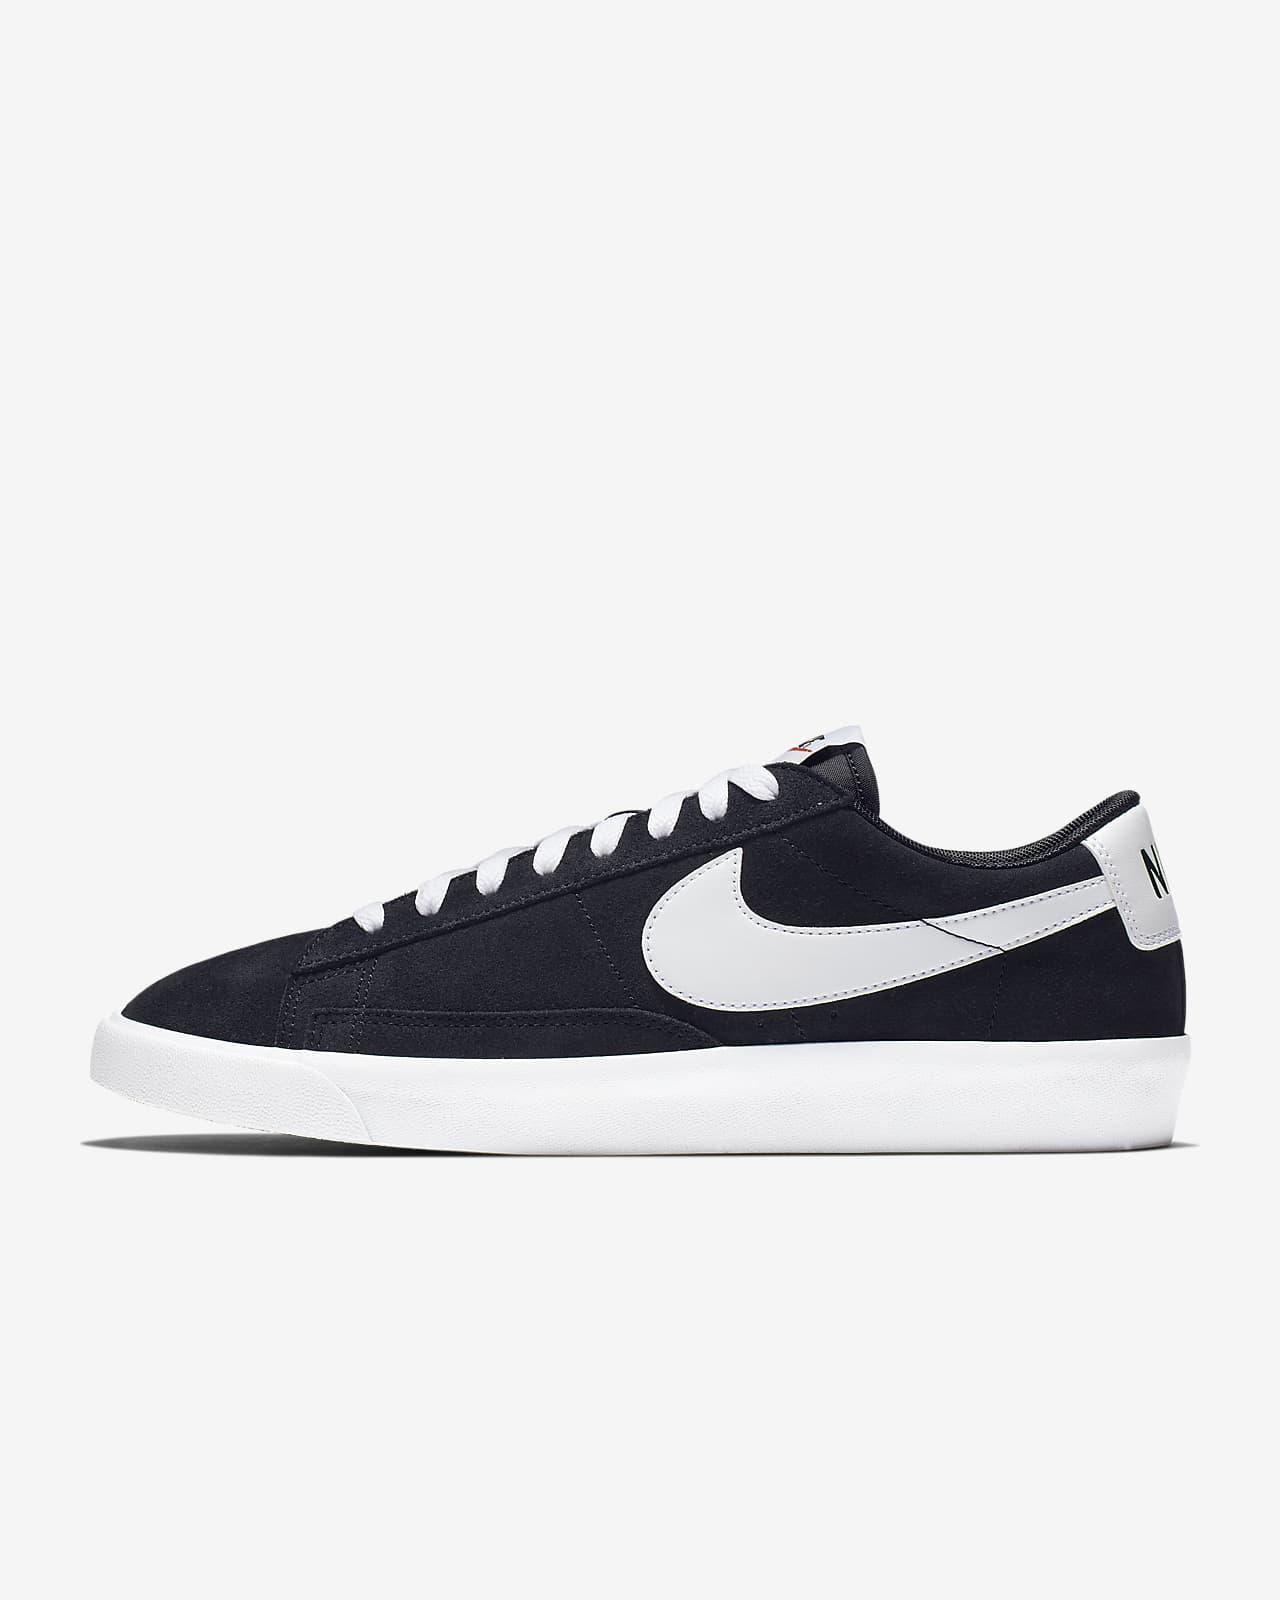 Sko Nike Blazer Low Premium Vintage Suede för män